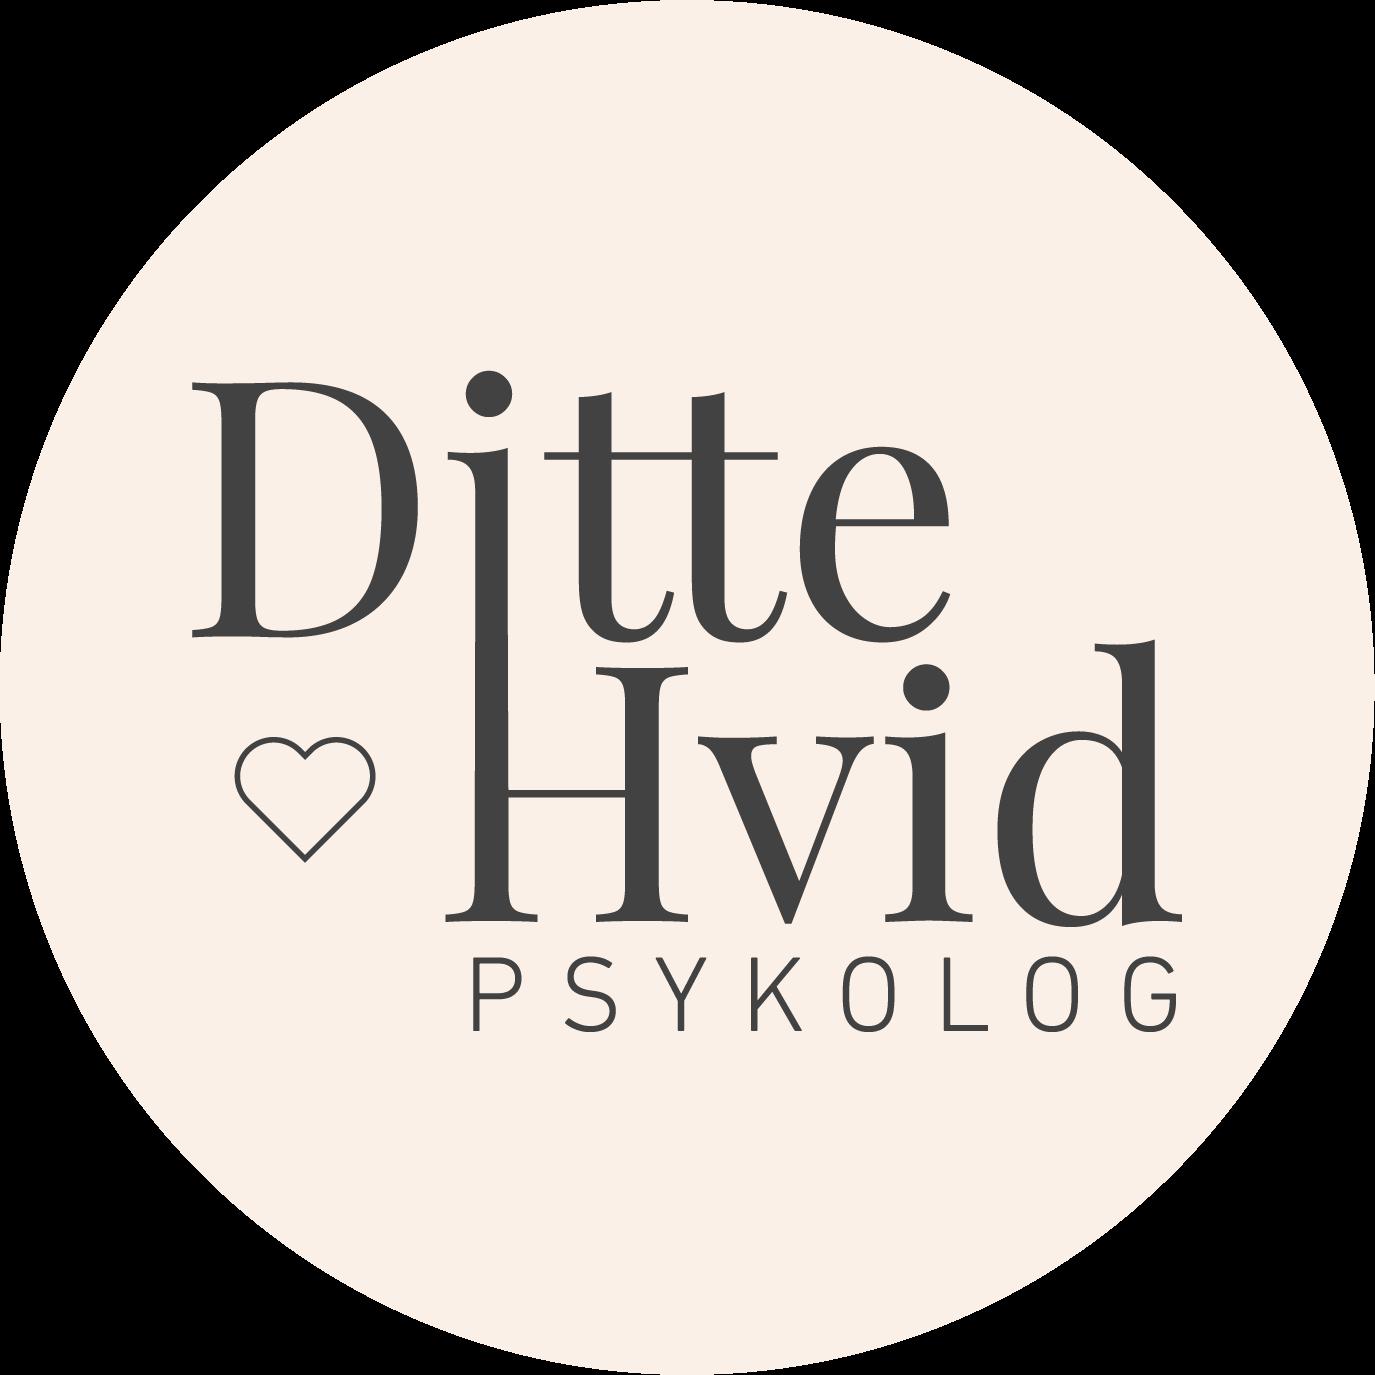 Ditte Hvid Psykolog